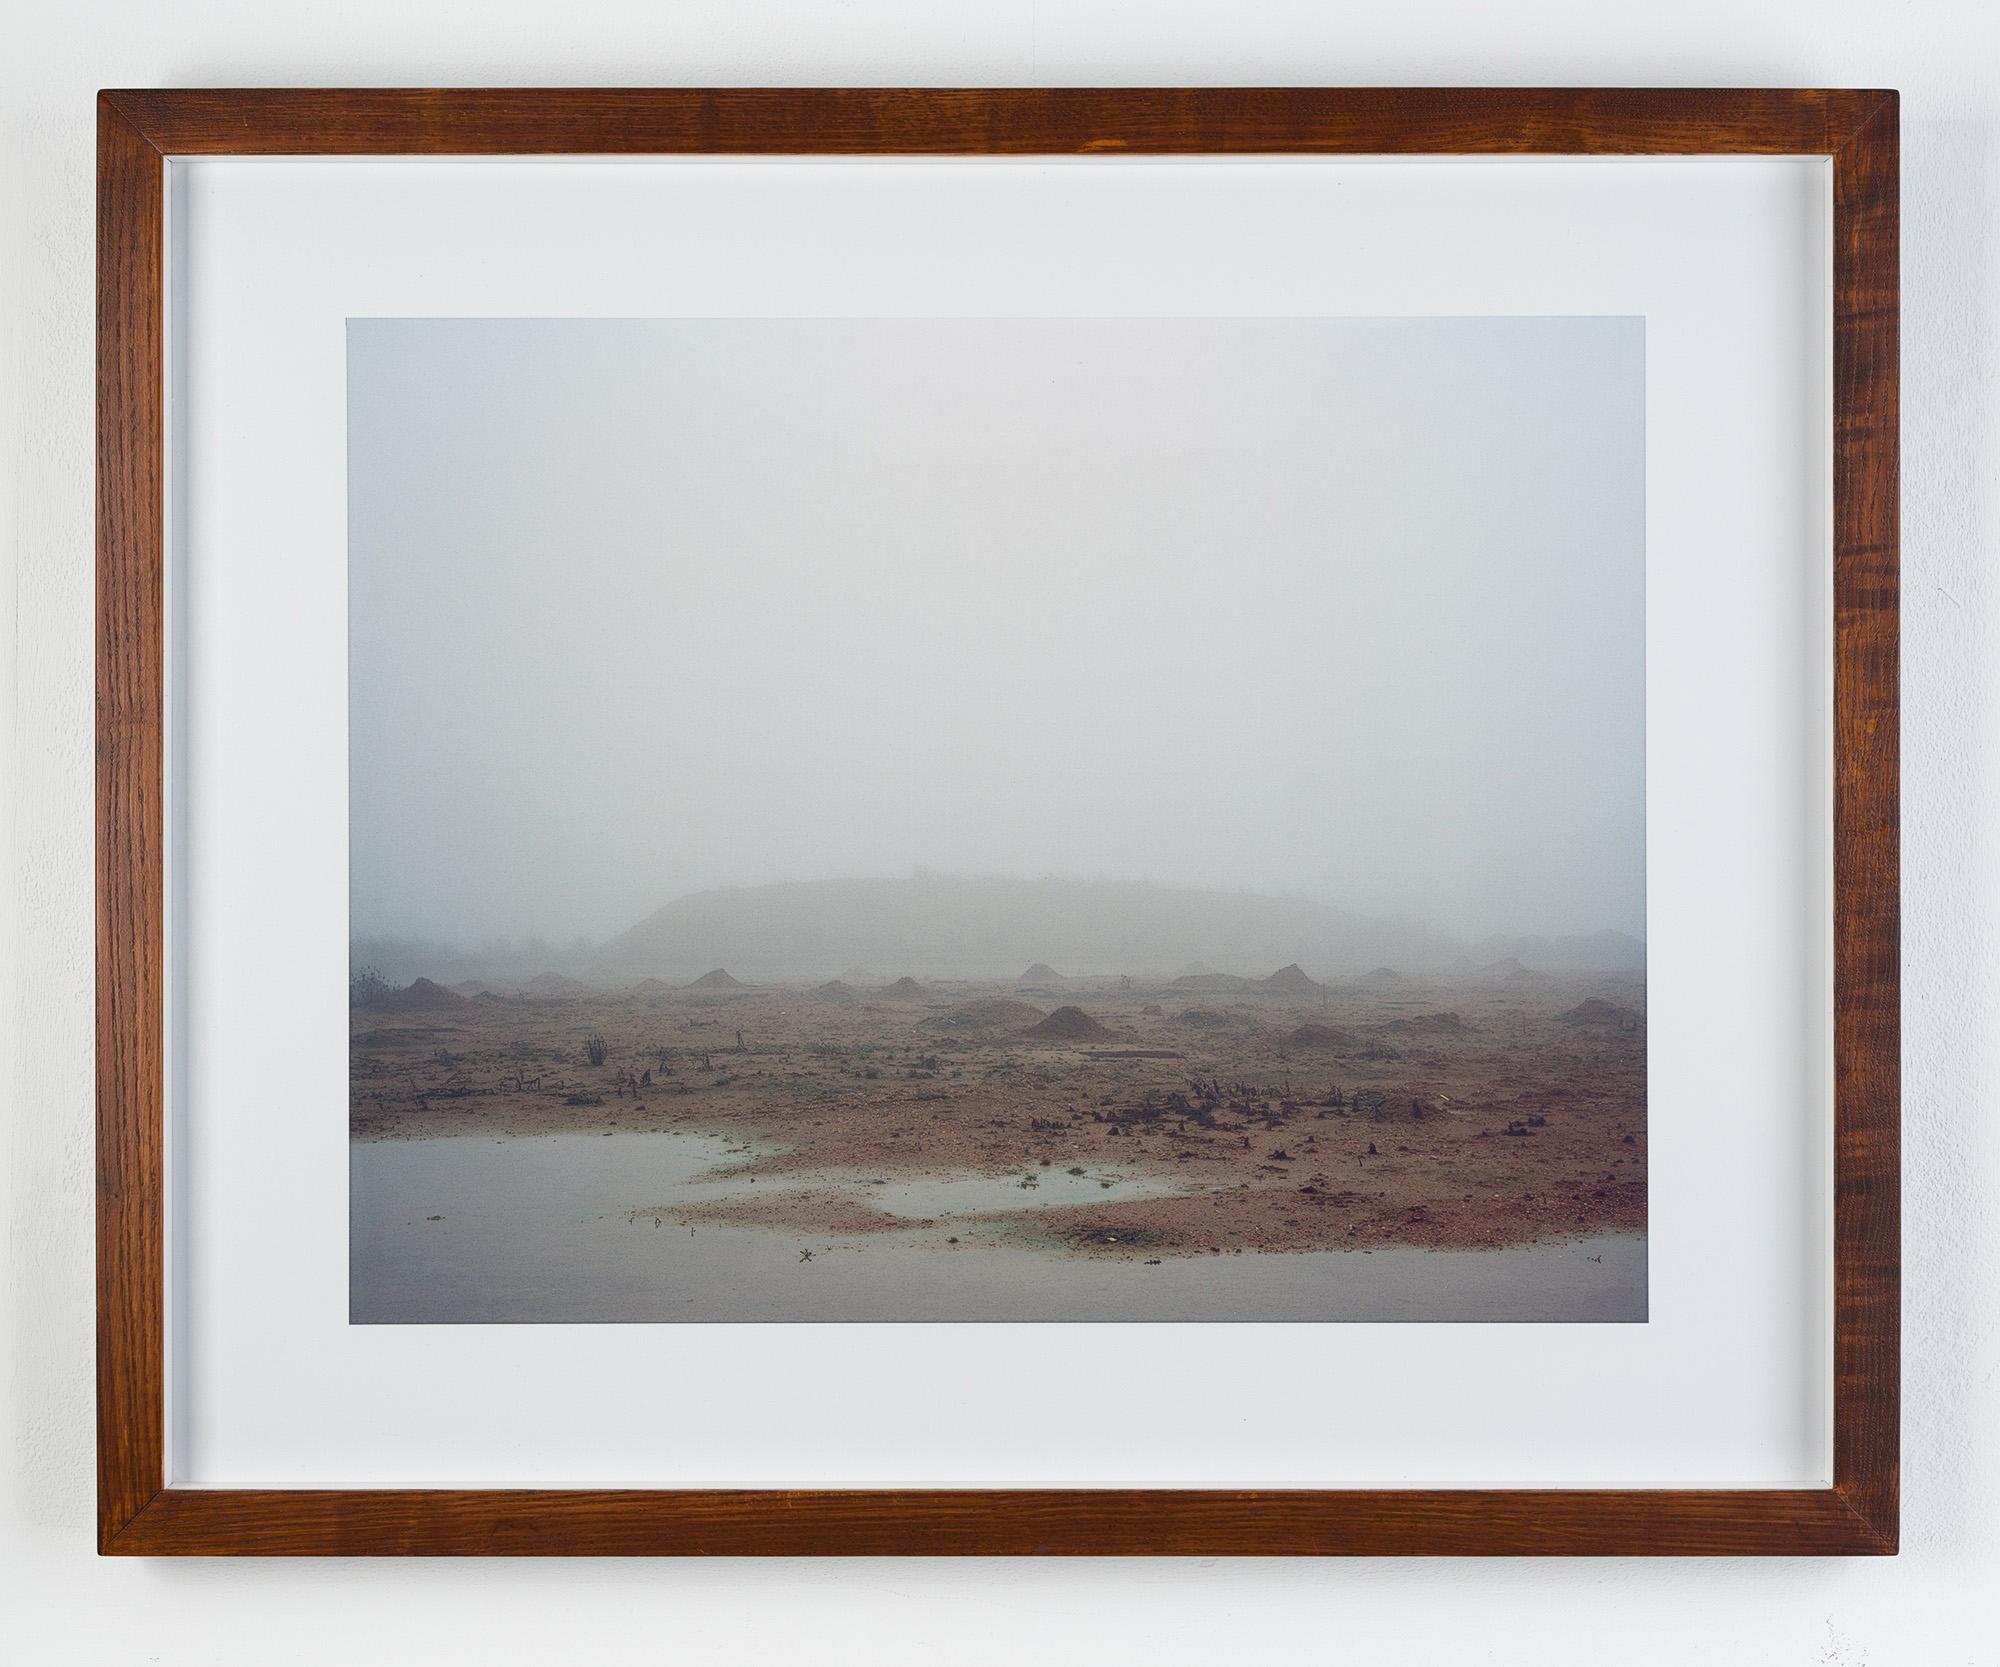 Tom-Lovelace-Site-407-framed.jpg